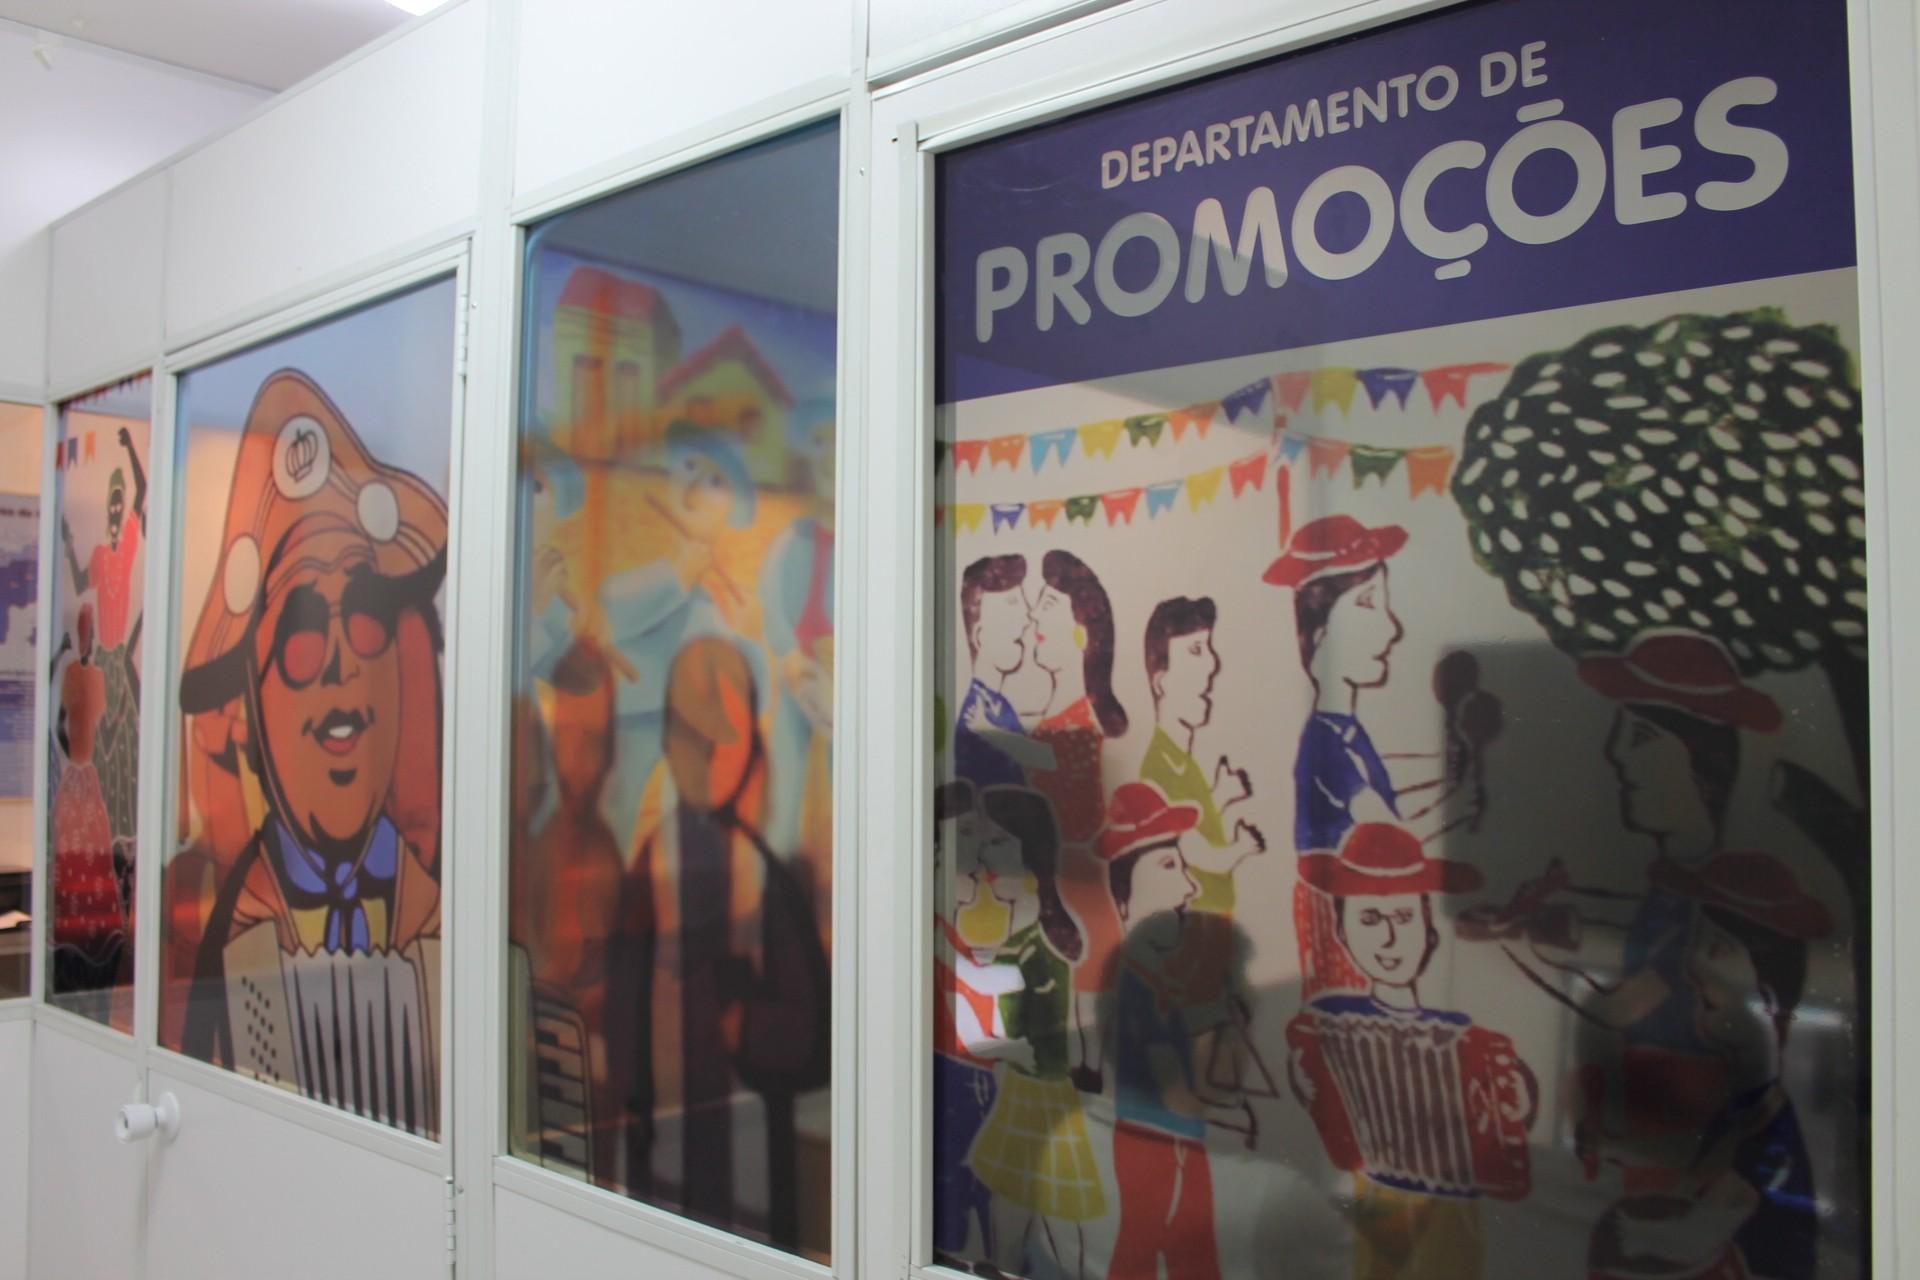 Setor de Promoções da TV Grande Rio ganha novo layout em homenagem à cultura nordestina (Foto: Gabriela Canário)